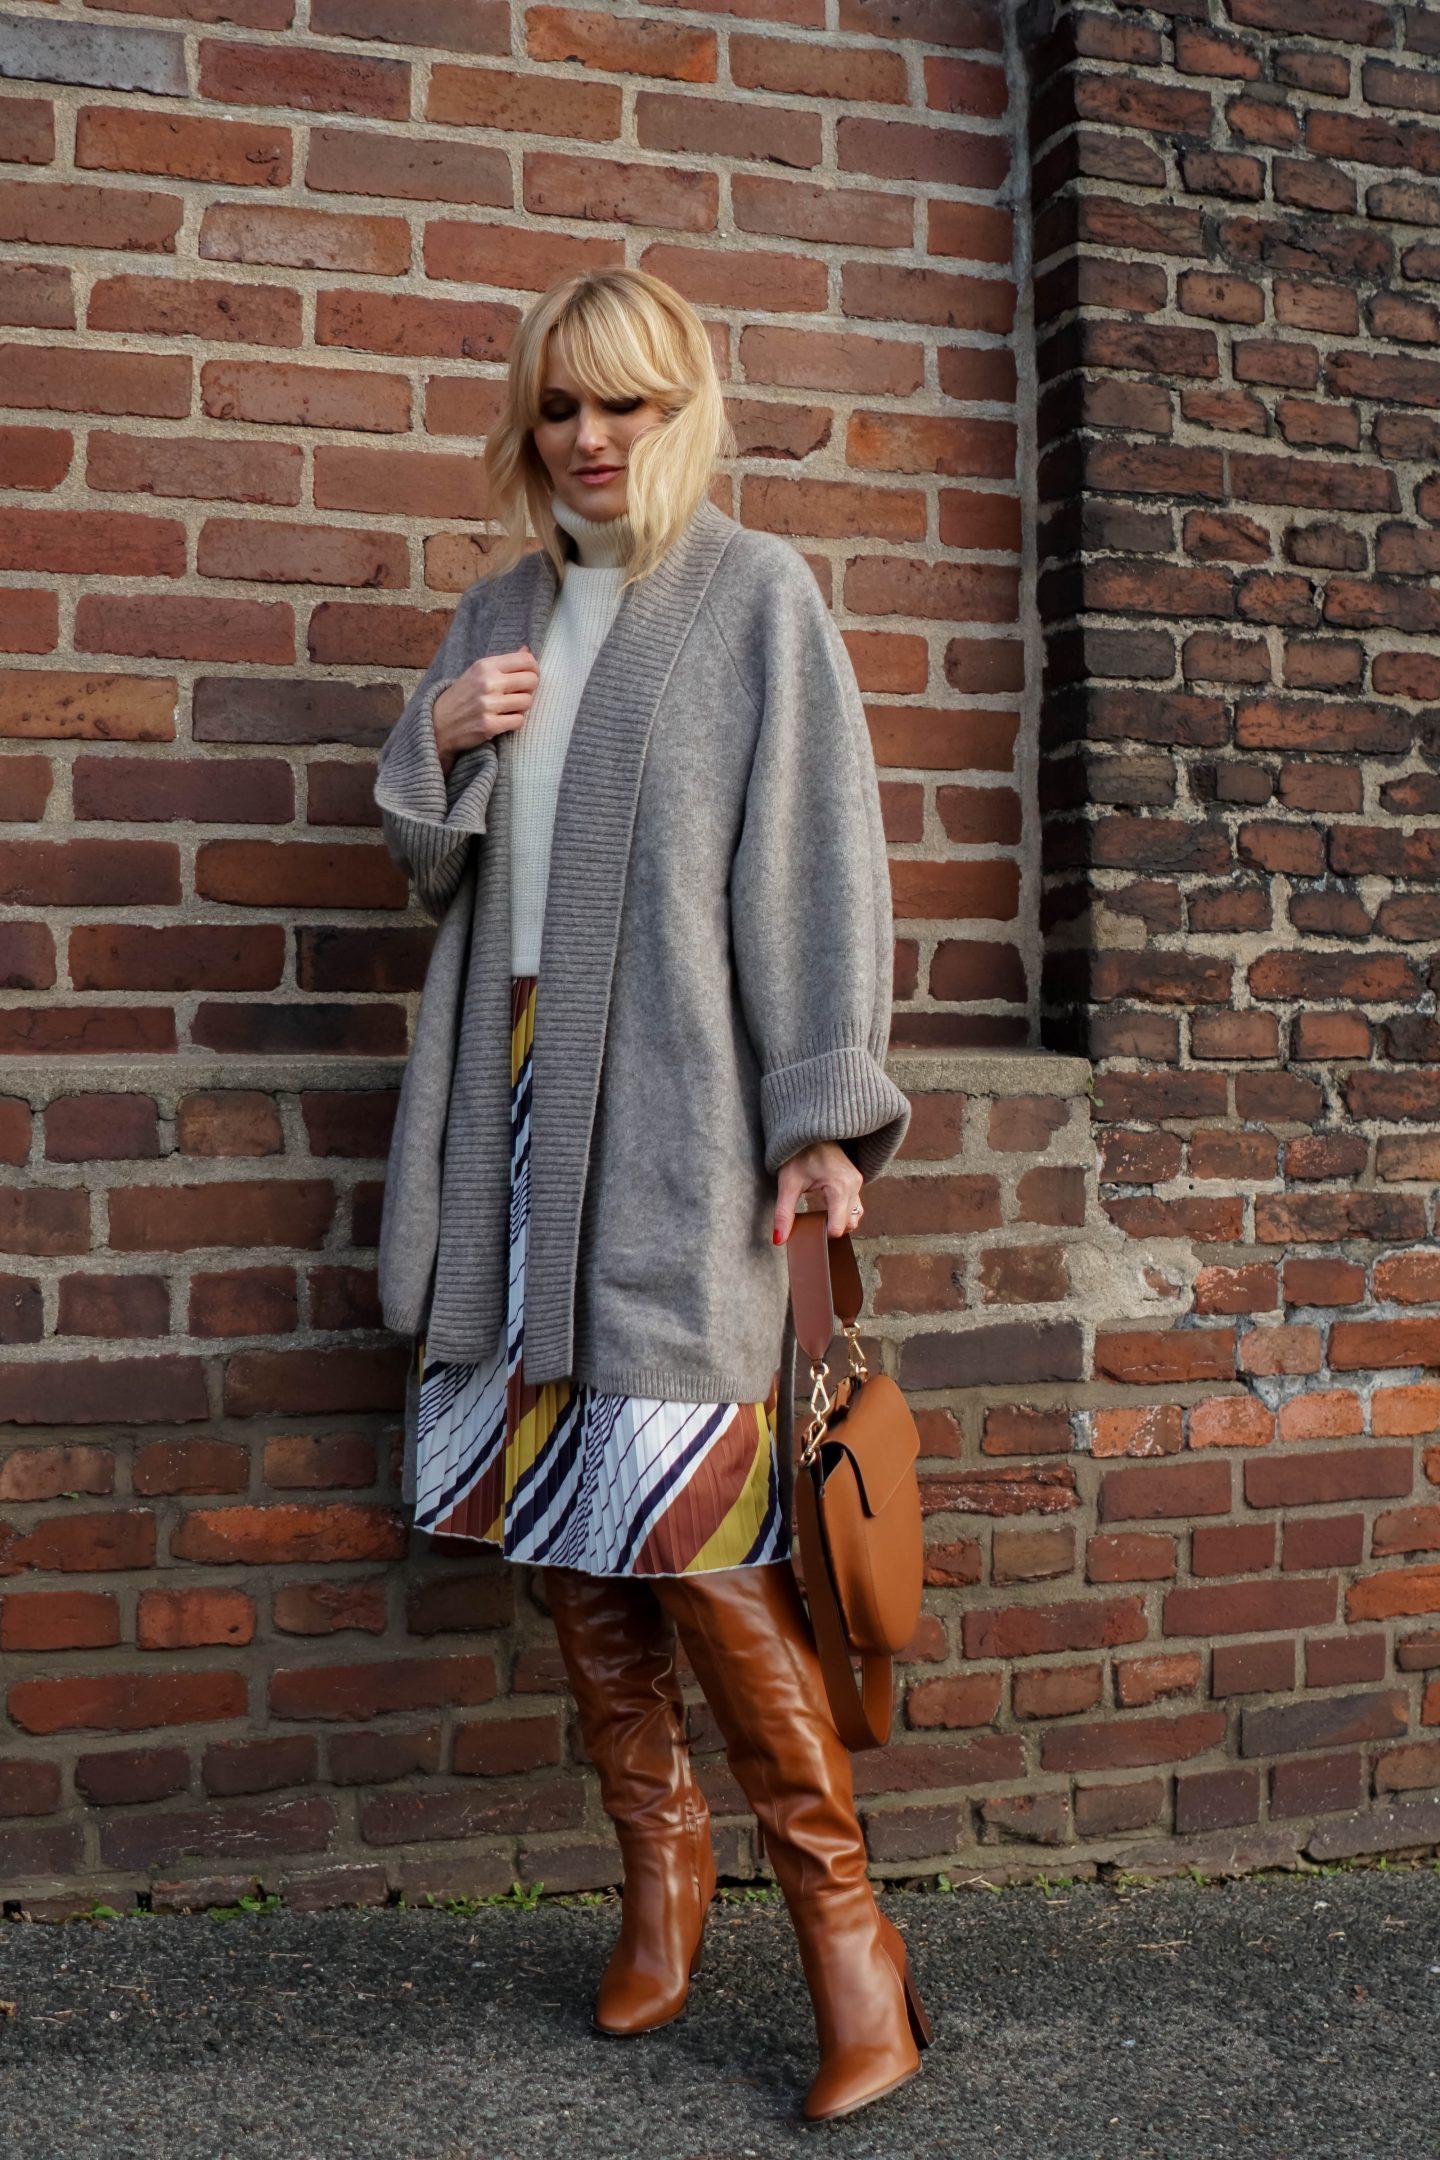 Sommerkleid im Winter tragen - Kleid von Amy Vermont, Wenz winterlich gestylt - Nowshine Fashion Blog -Tasche Wandler -Stiefel und Cadigan Zara